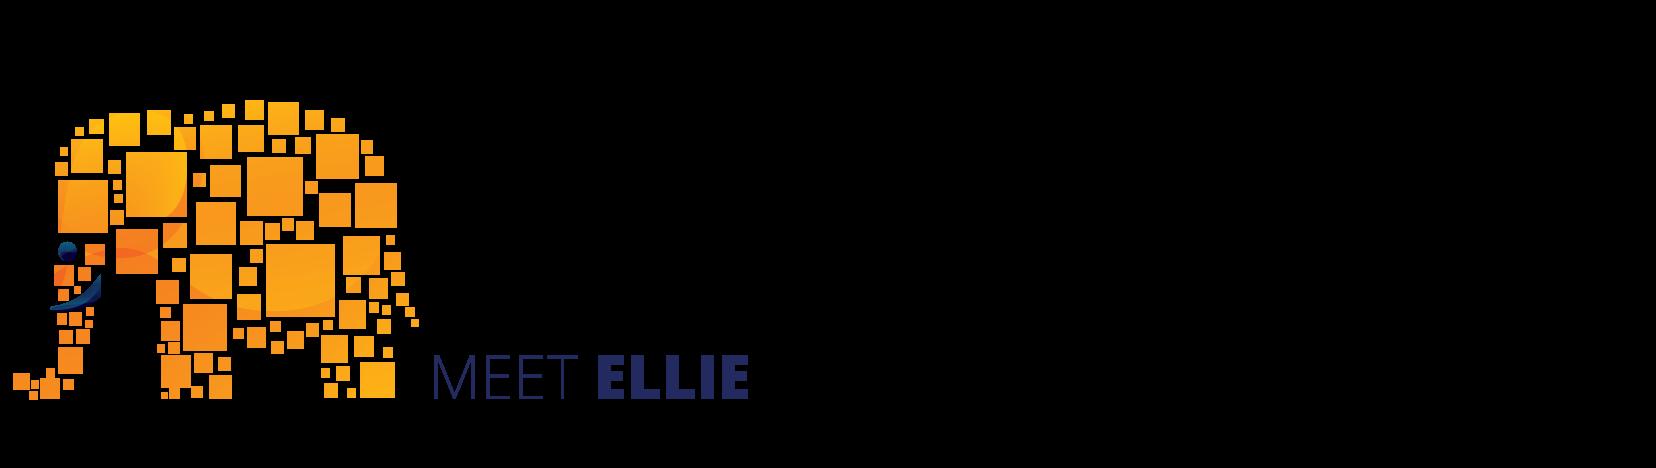 meet_ellie